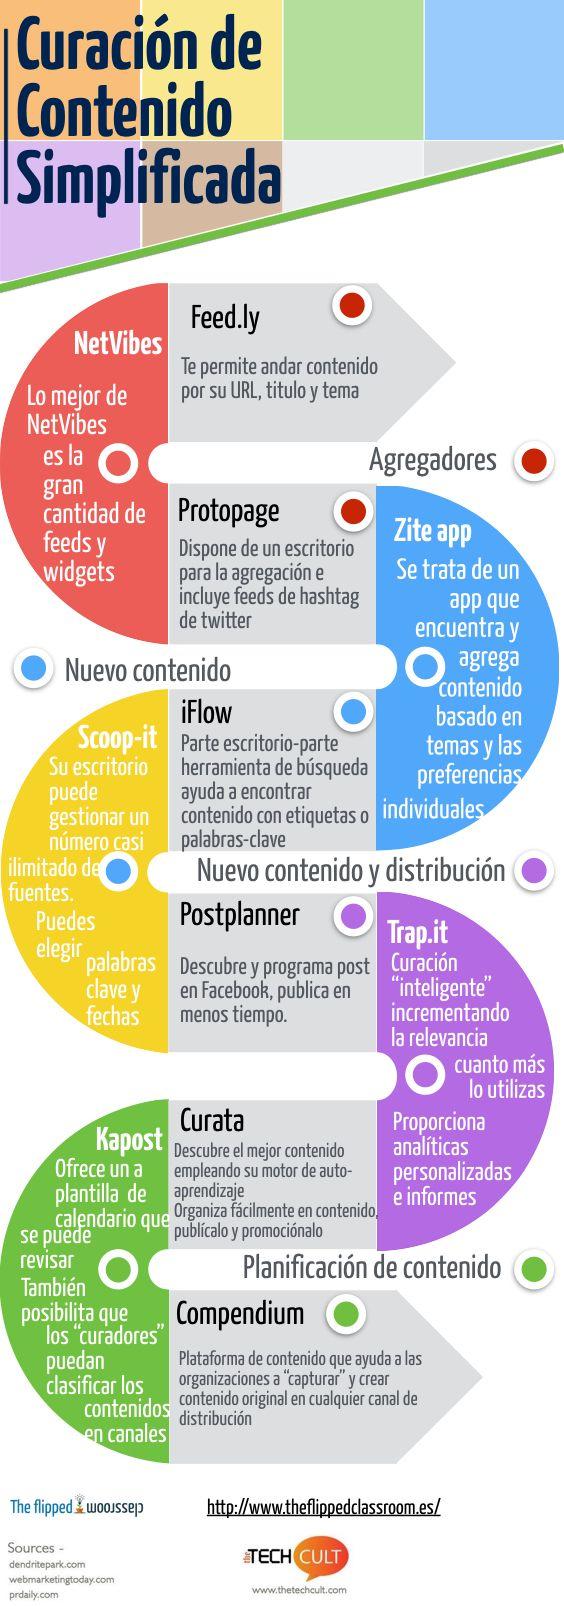 Hola: Una infografía sobre Curación de contenido simplificada. Vía Un saludo